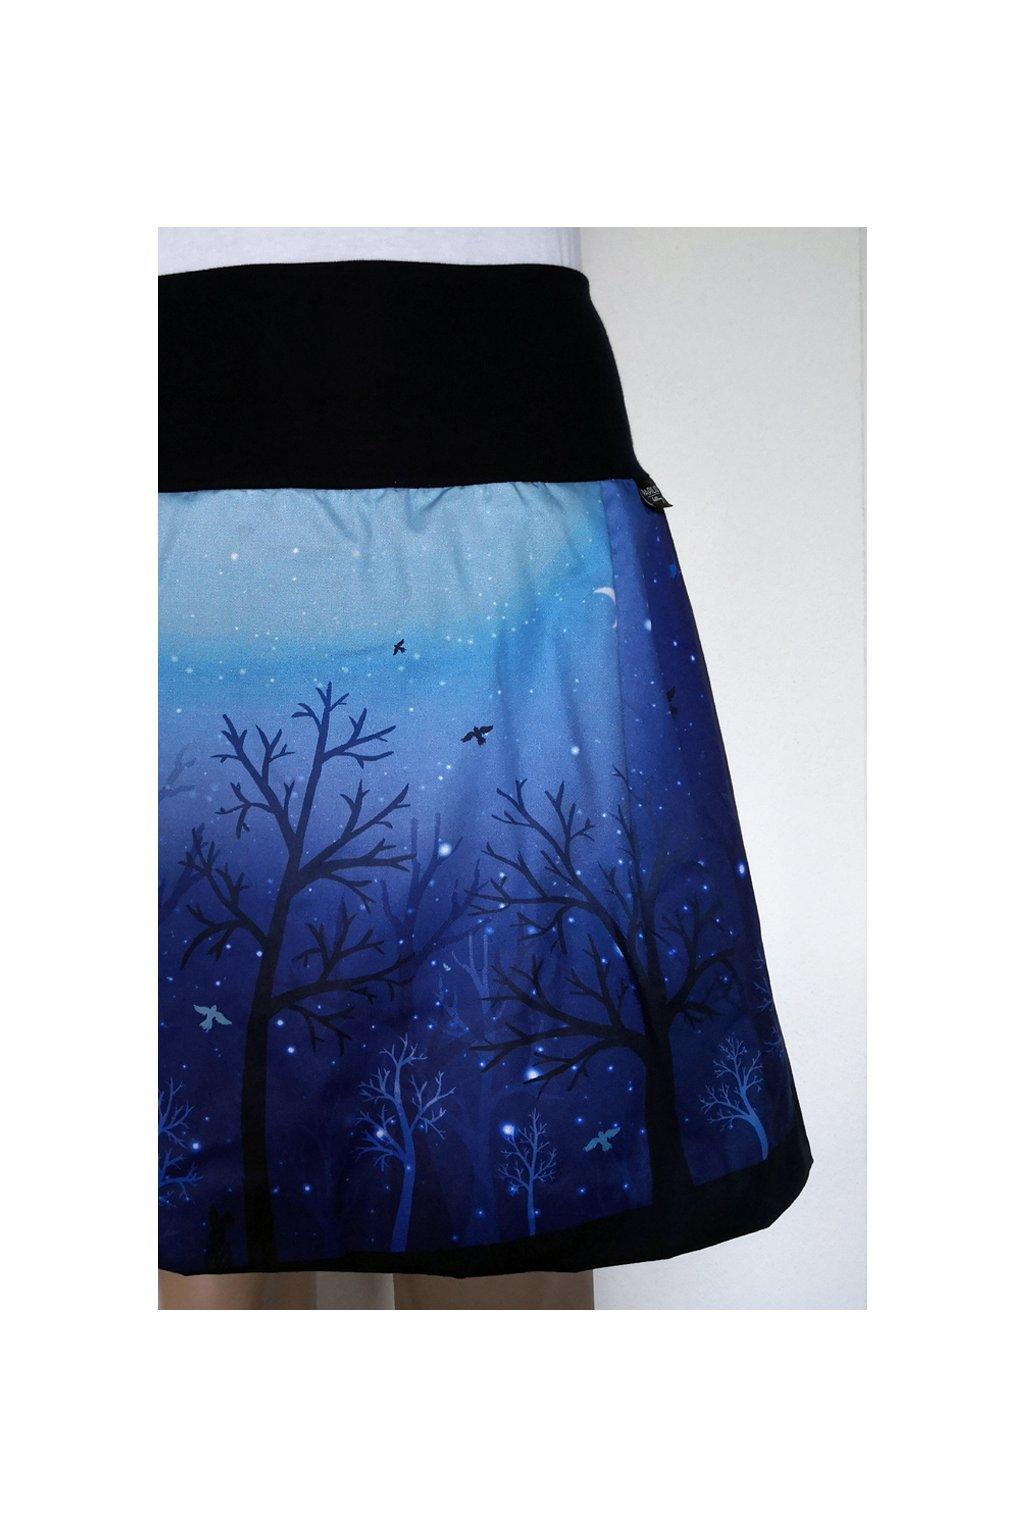 Balonová sukně Noc v lese | plátno